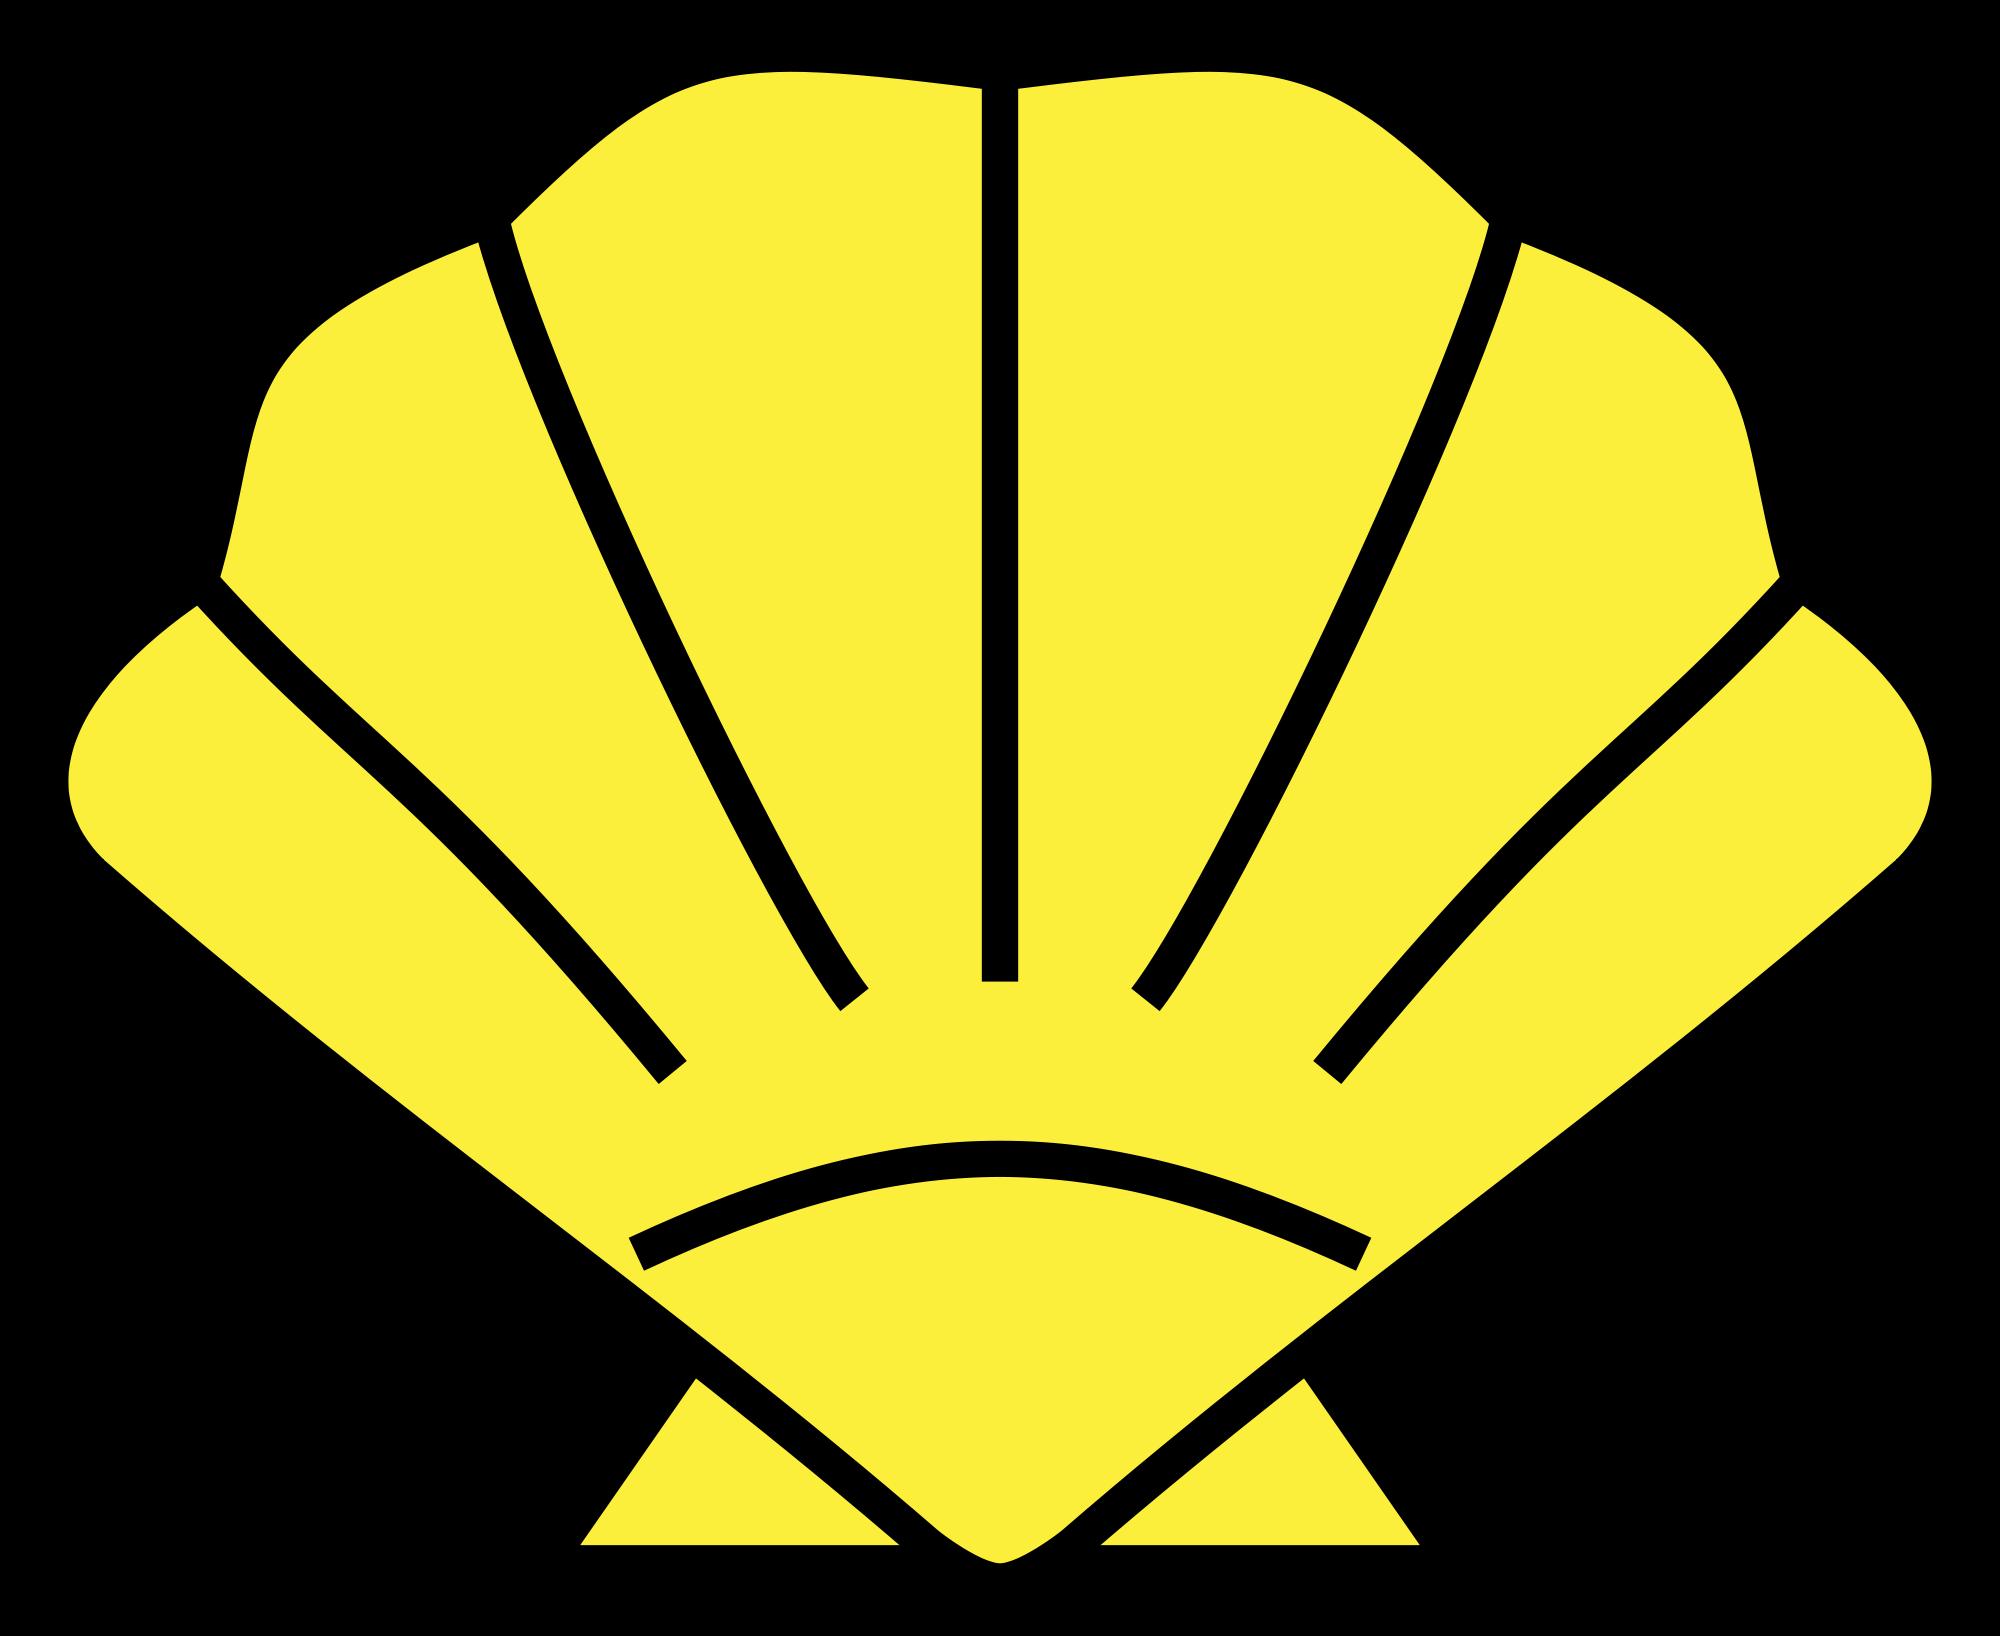 Shell clipart escallop. File svg wikimedia commons